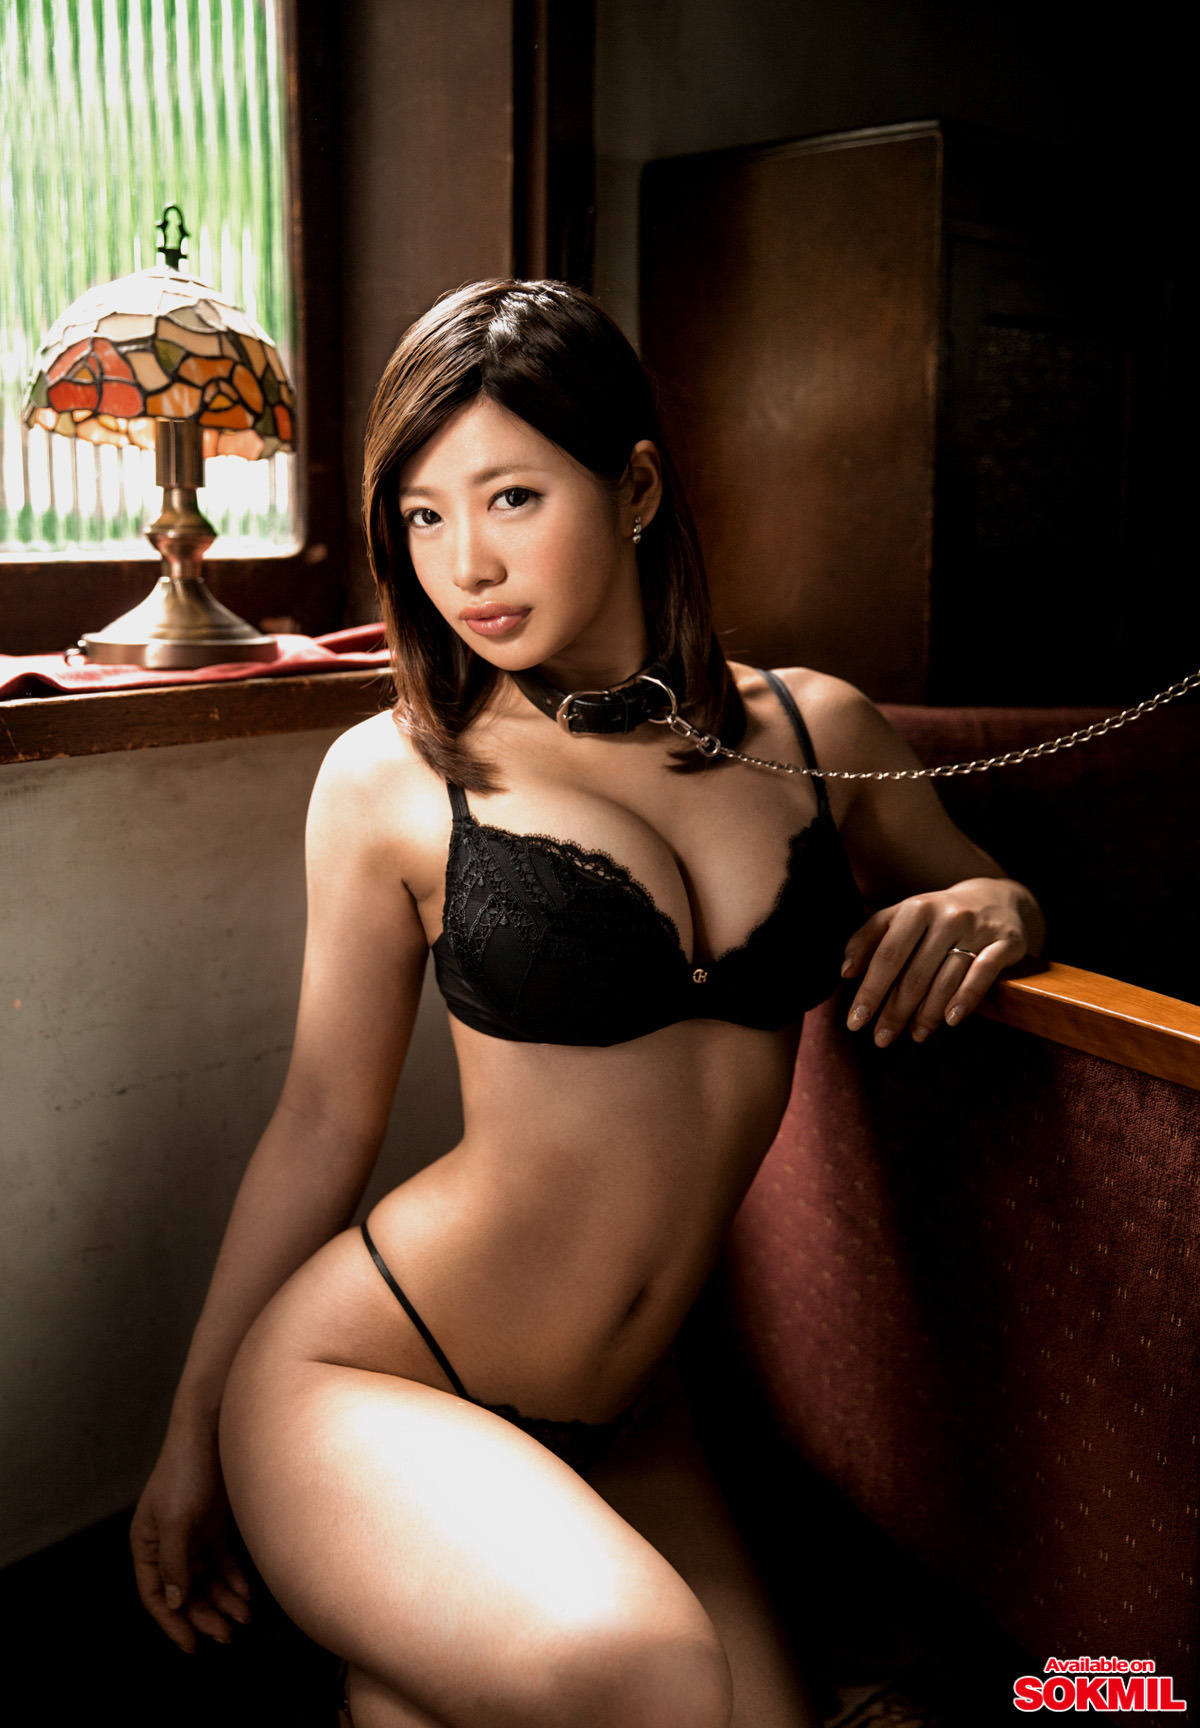 【画像】唇が1番Hなセクシー女優、宮下真衣に決定するww